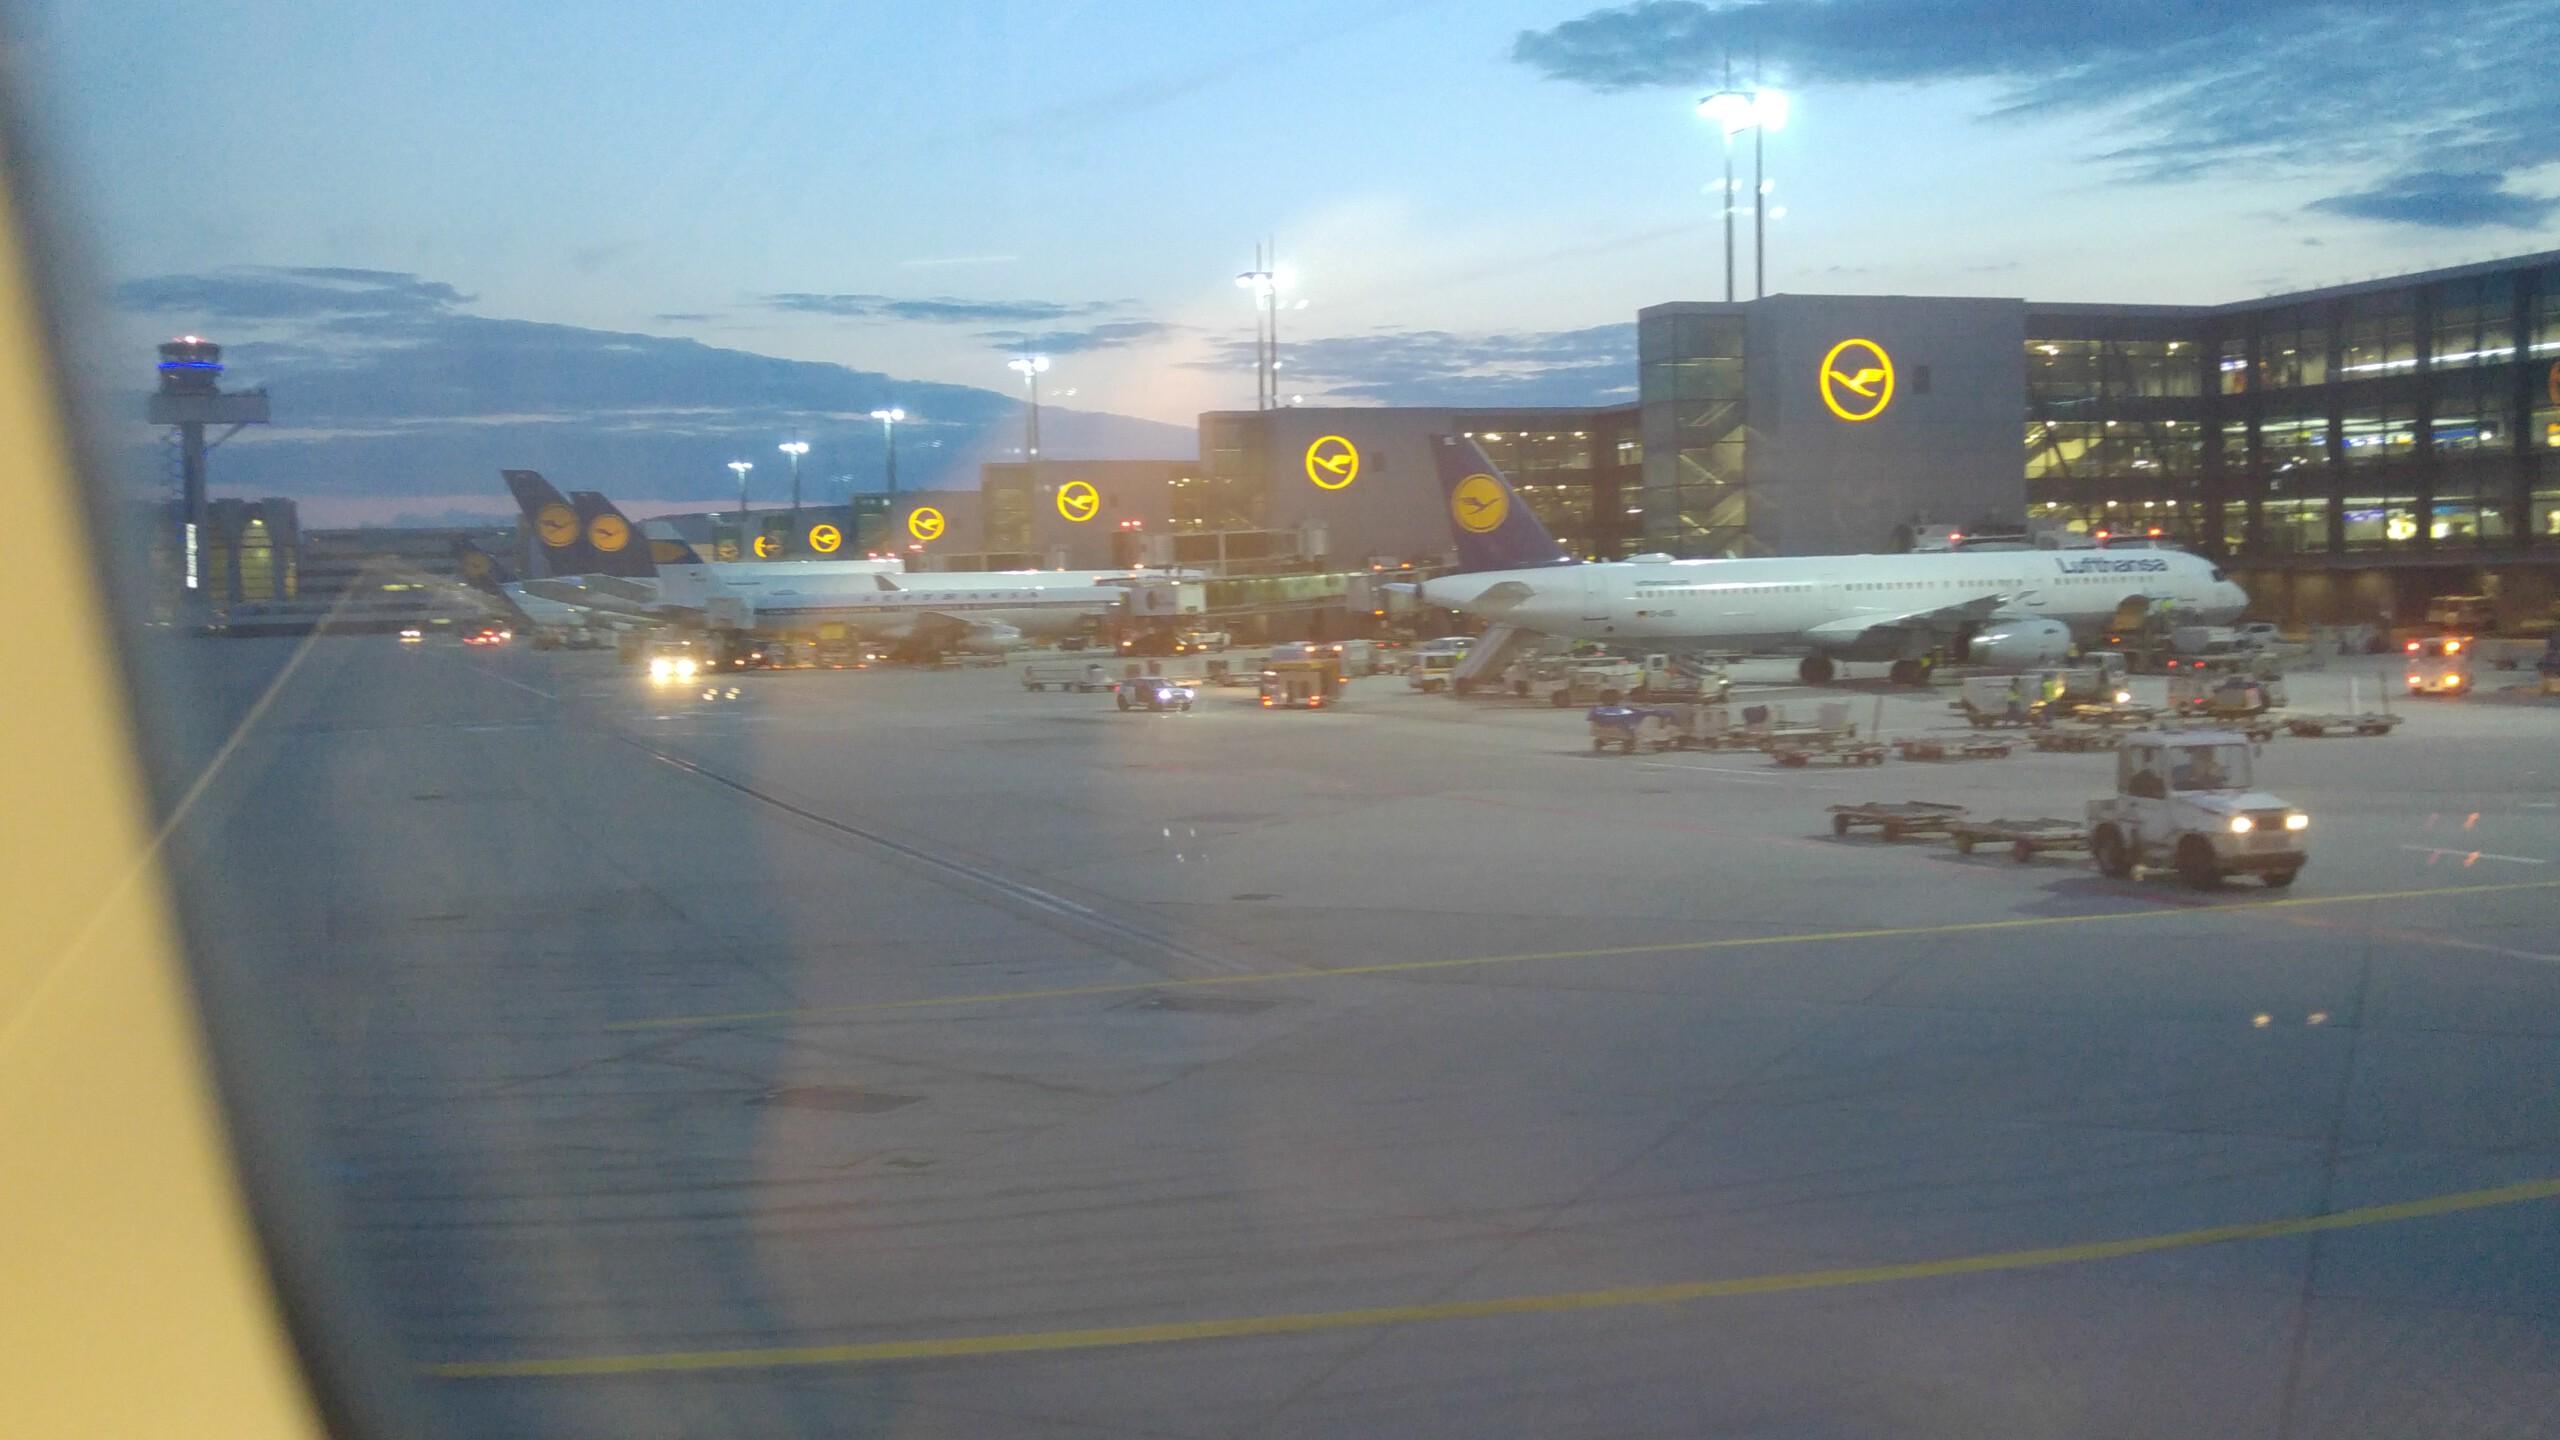 In der Krise: Die Luftfahrt in Rhein-Main